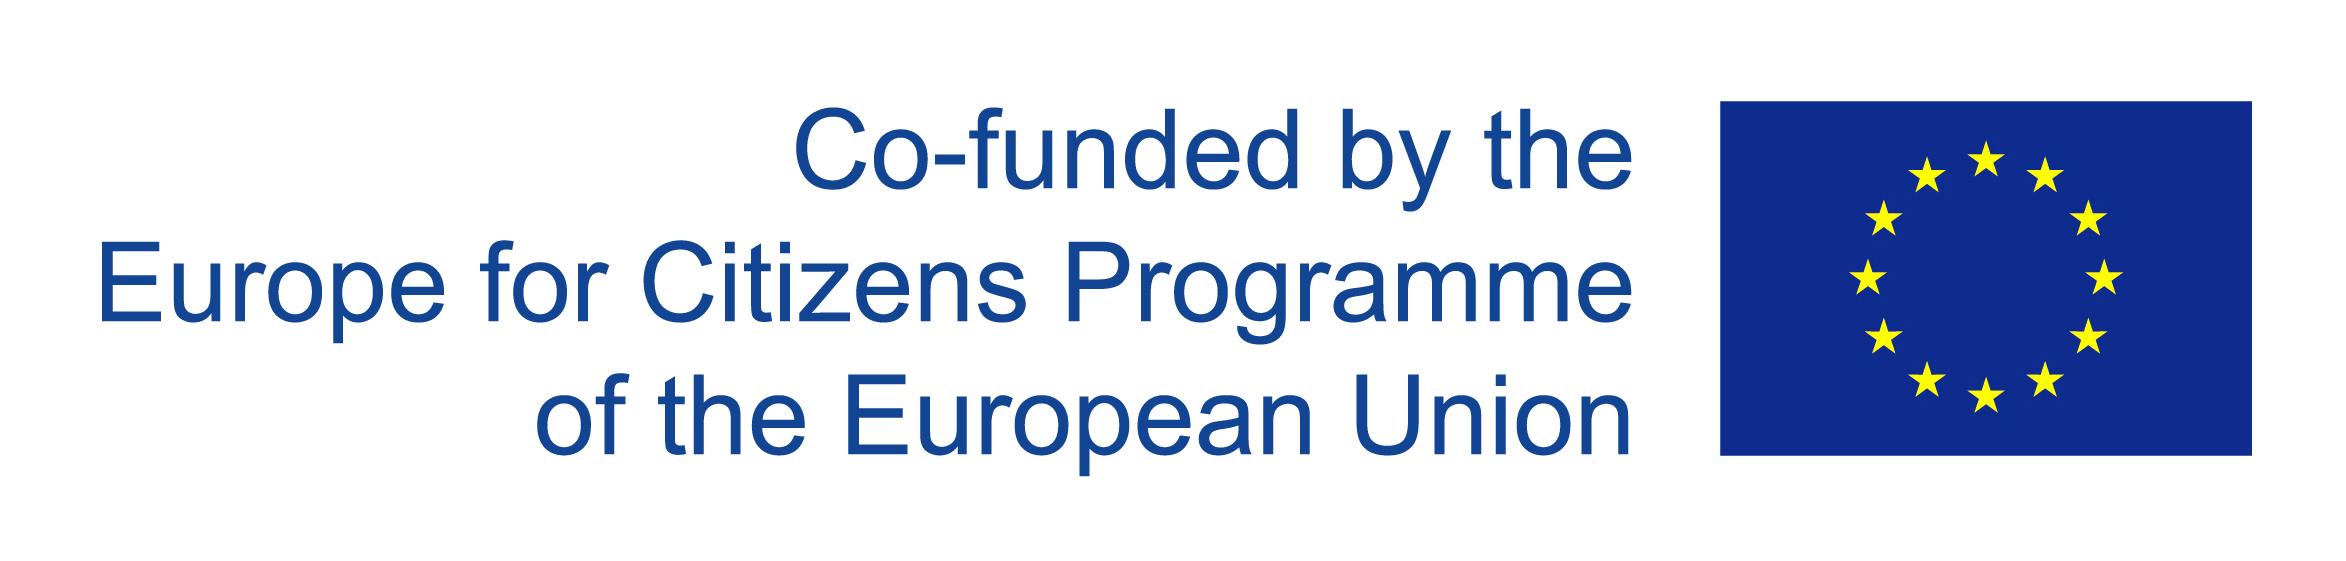 eu4citizens